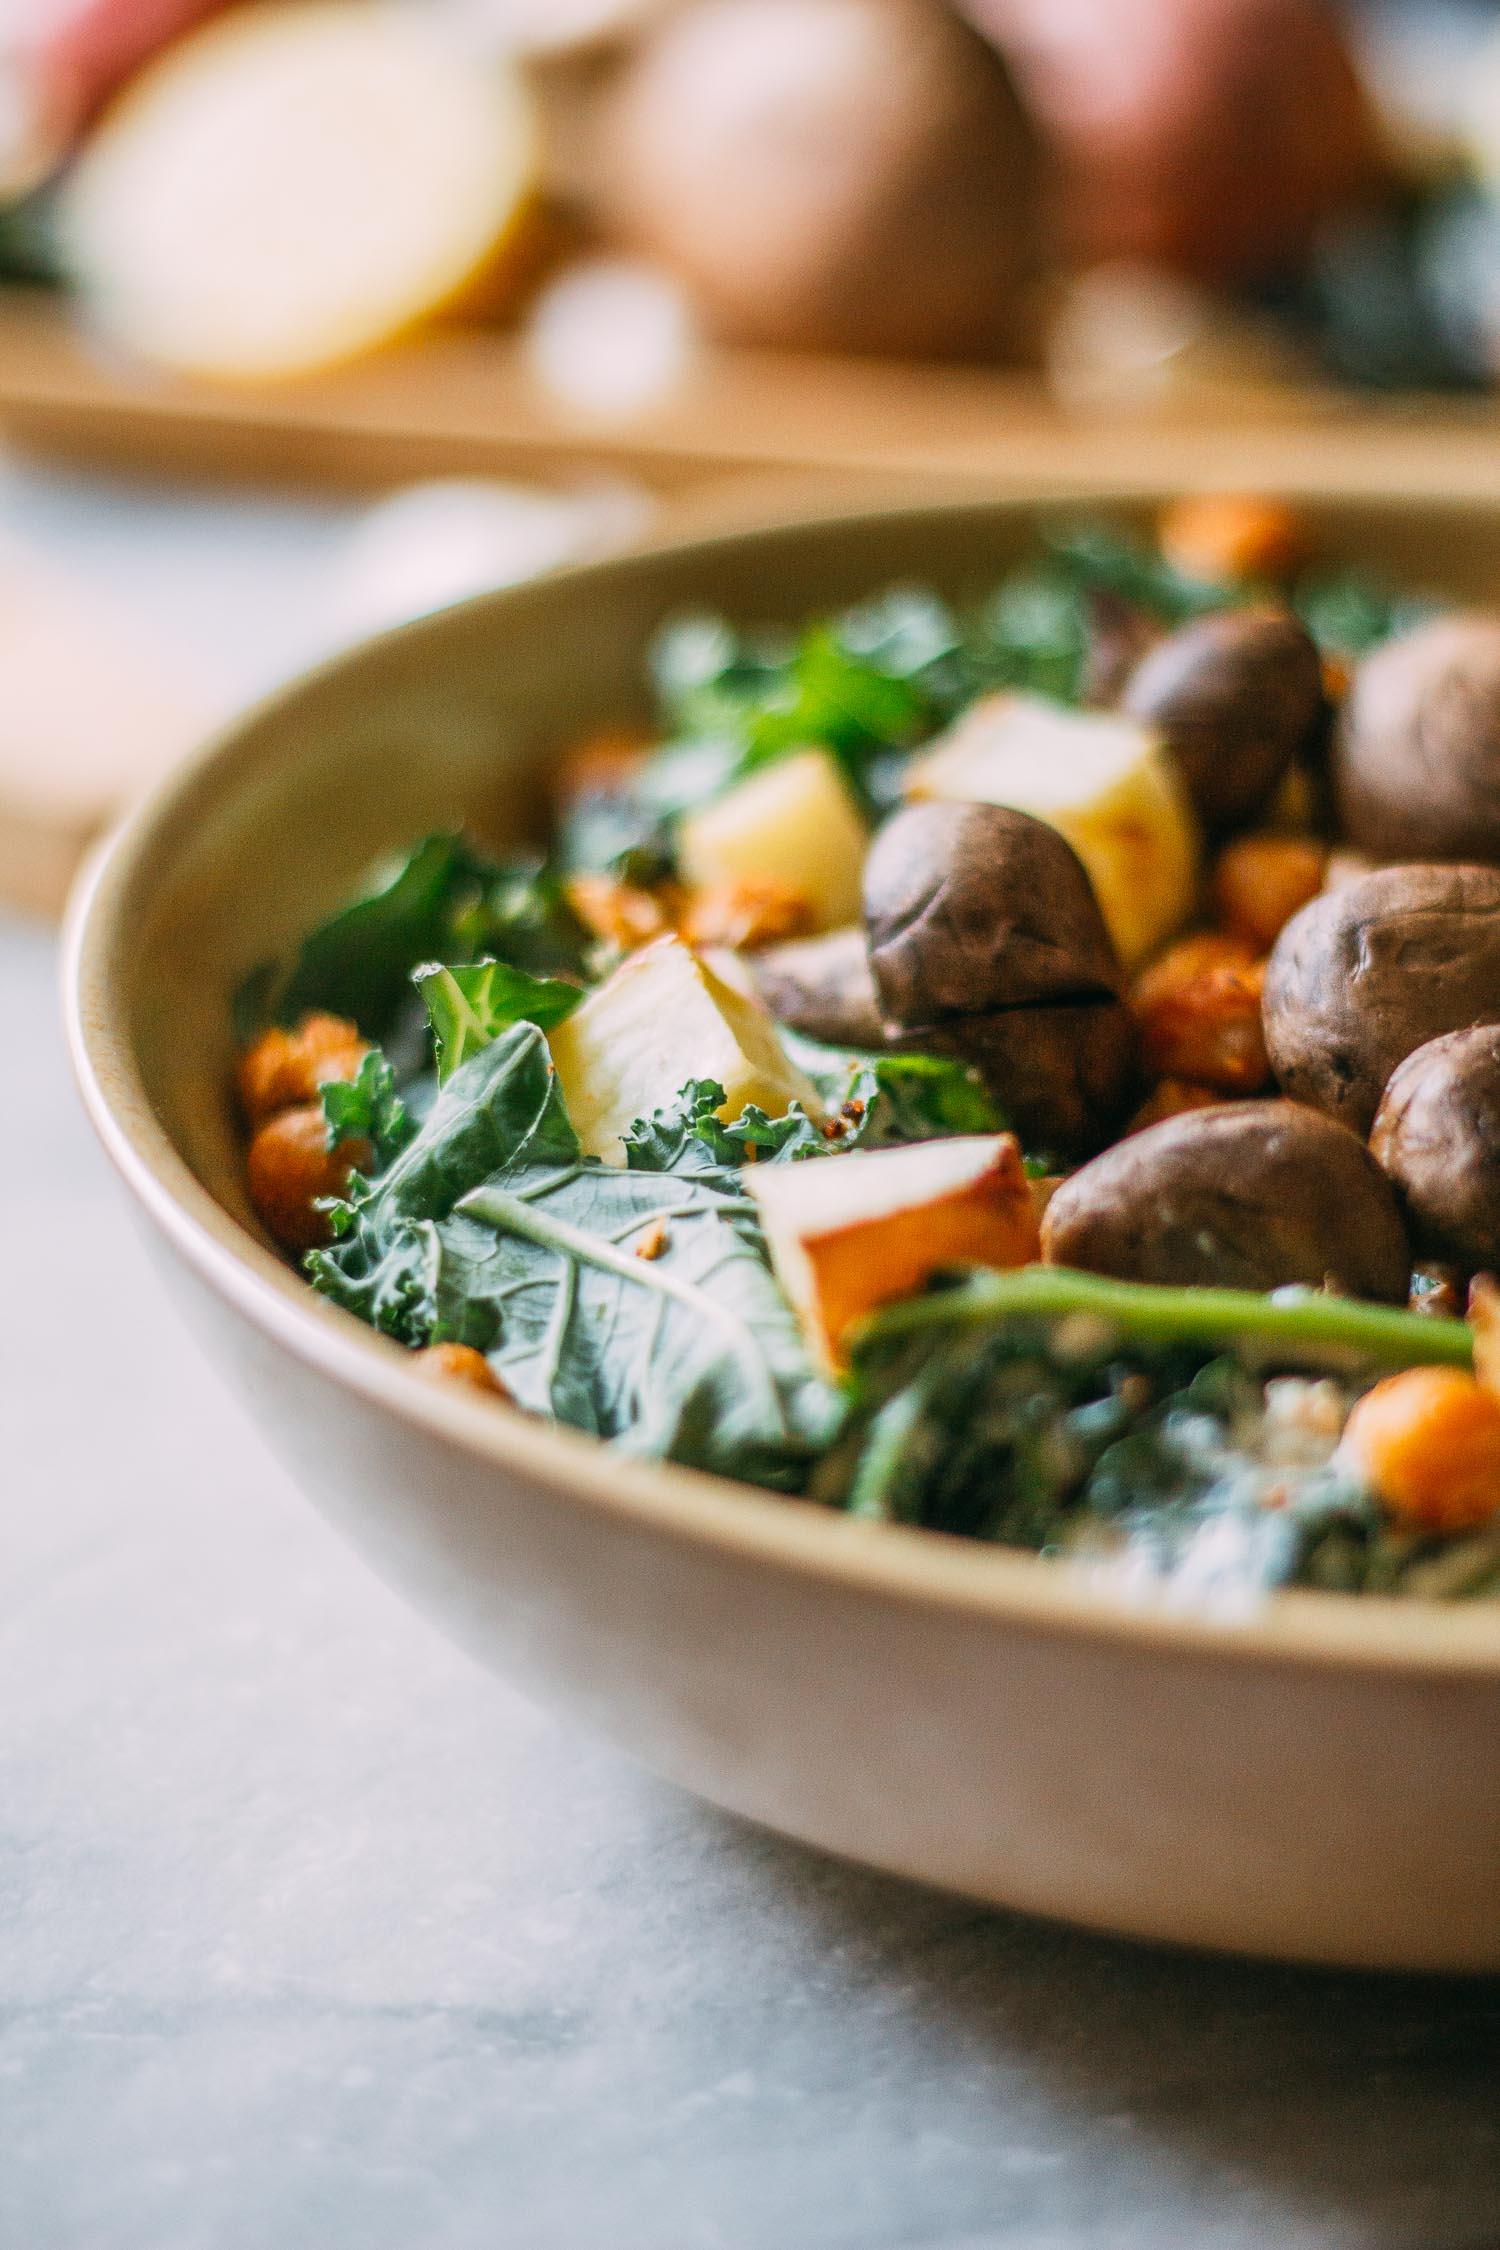 Roasted Steak-y Mushroom Kale Salad #gluten-free #oil-free #aquafaba #WFPB #potatoes